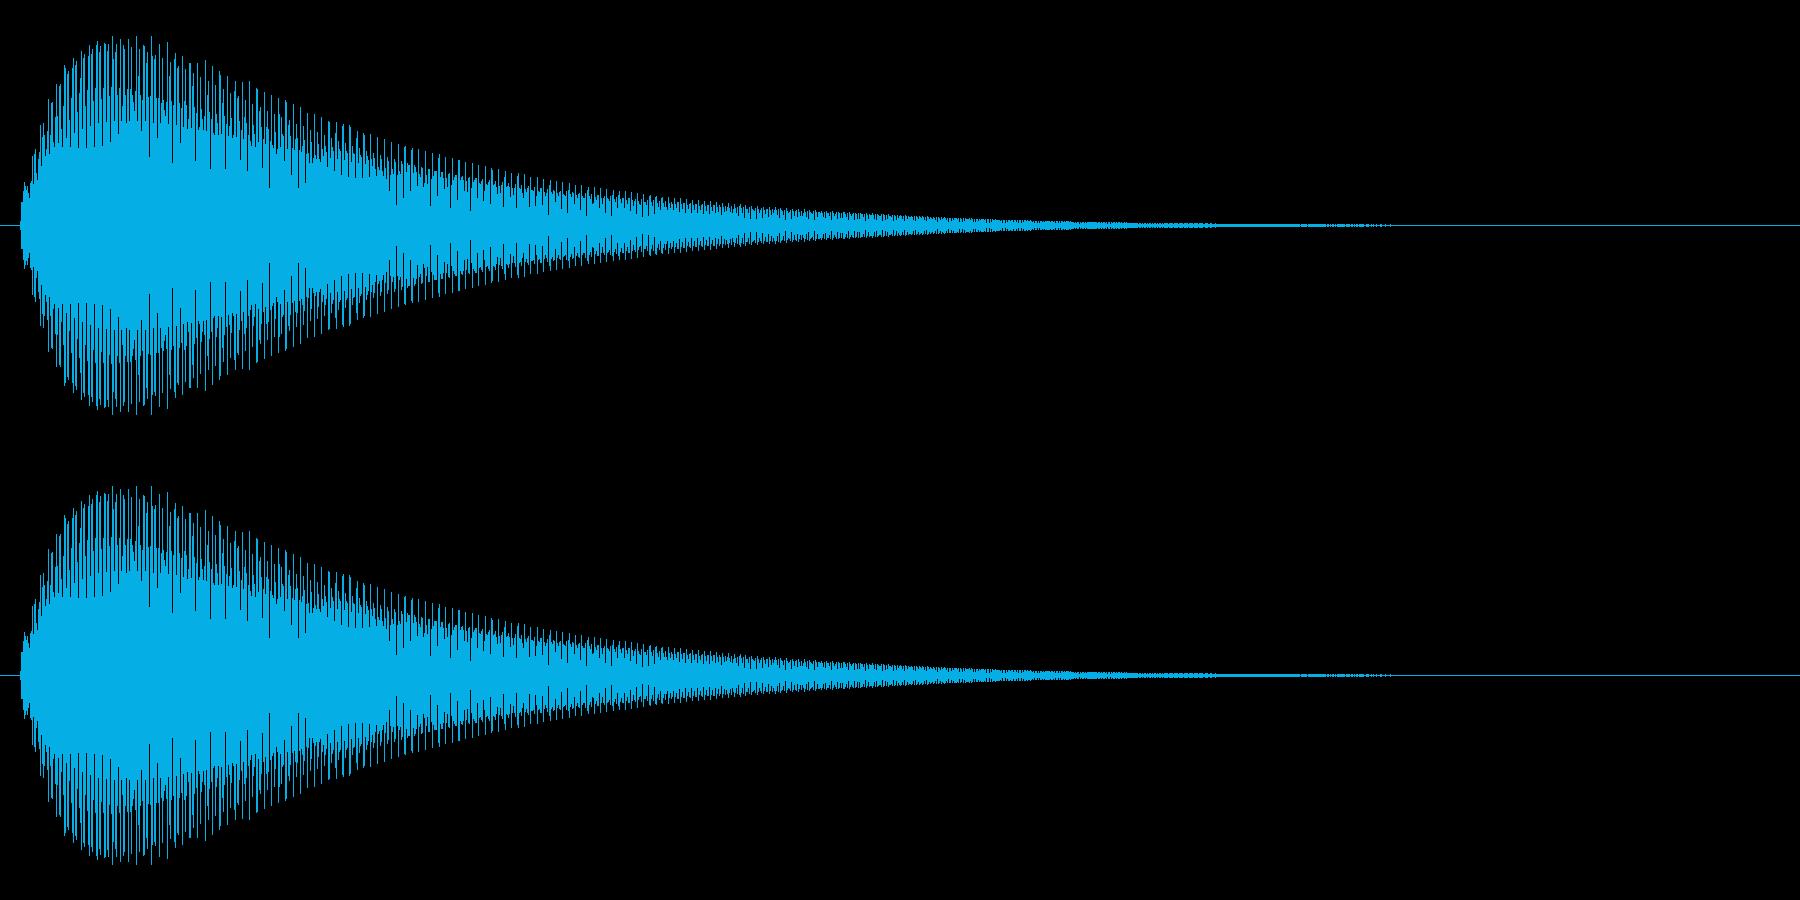 【ピヨーン】ファミコン系ジャンプ音_06の再生済みの波形